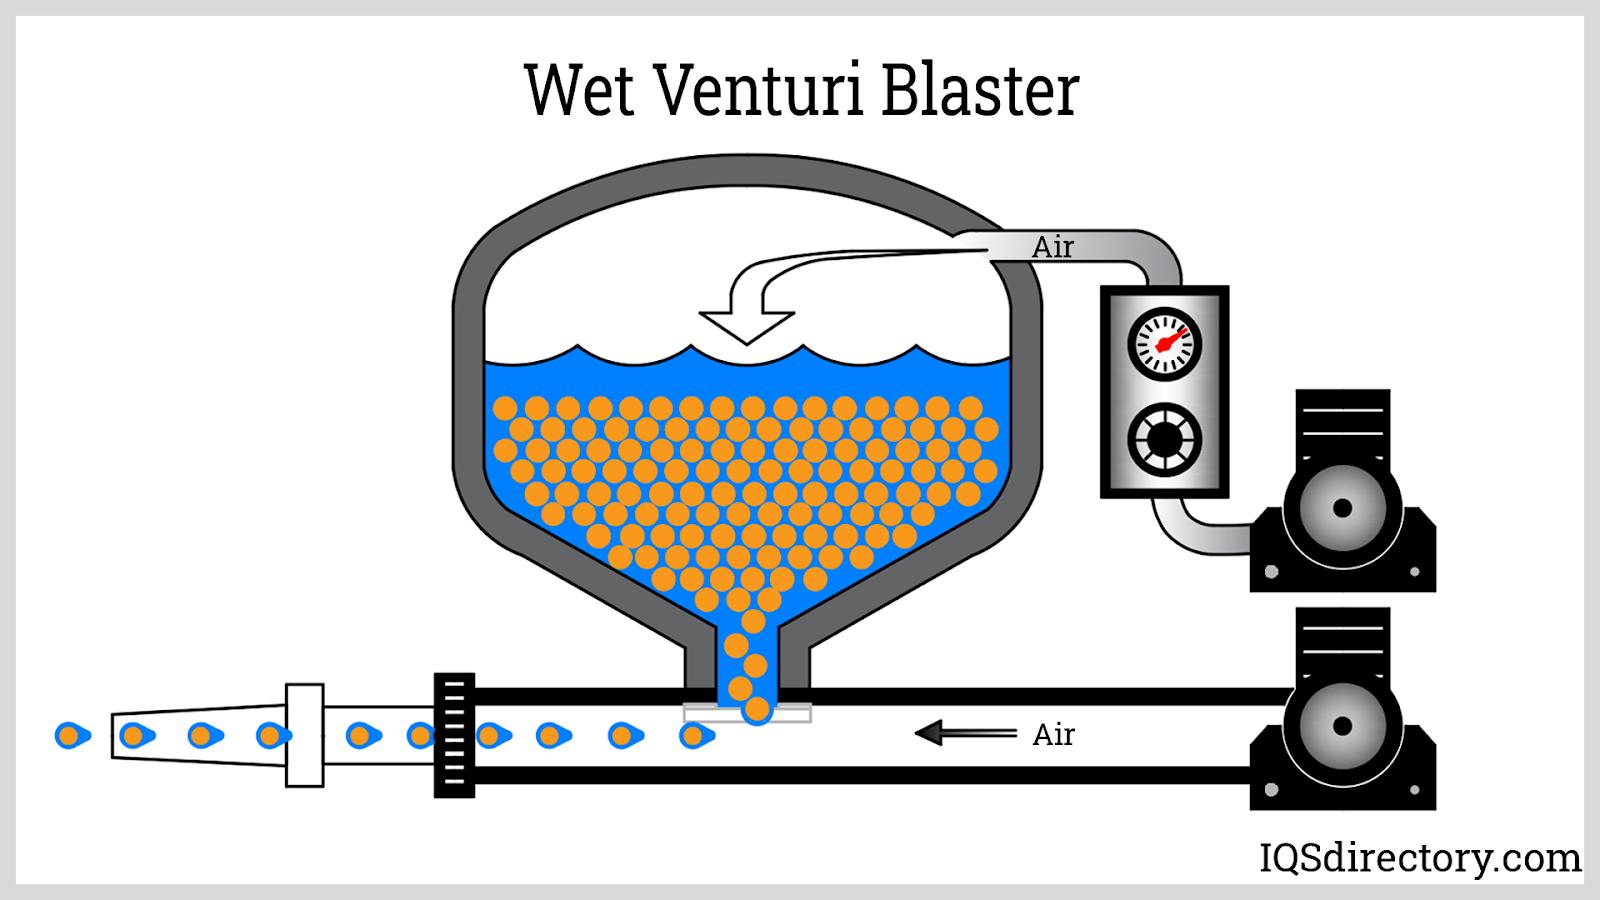 Wet Venturi Blaster